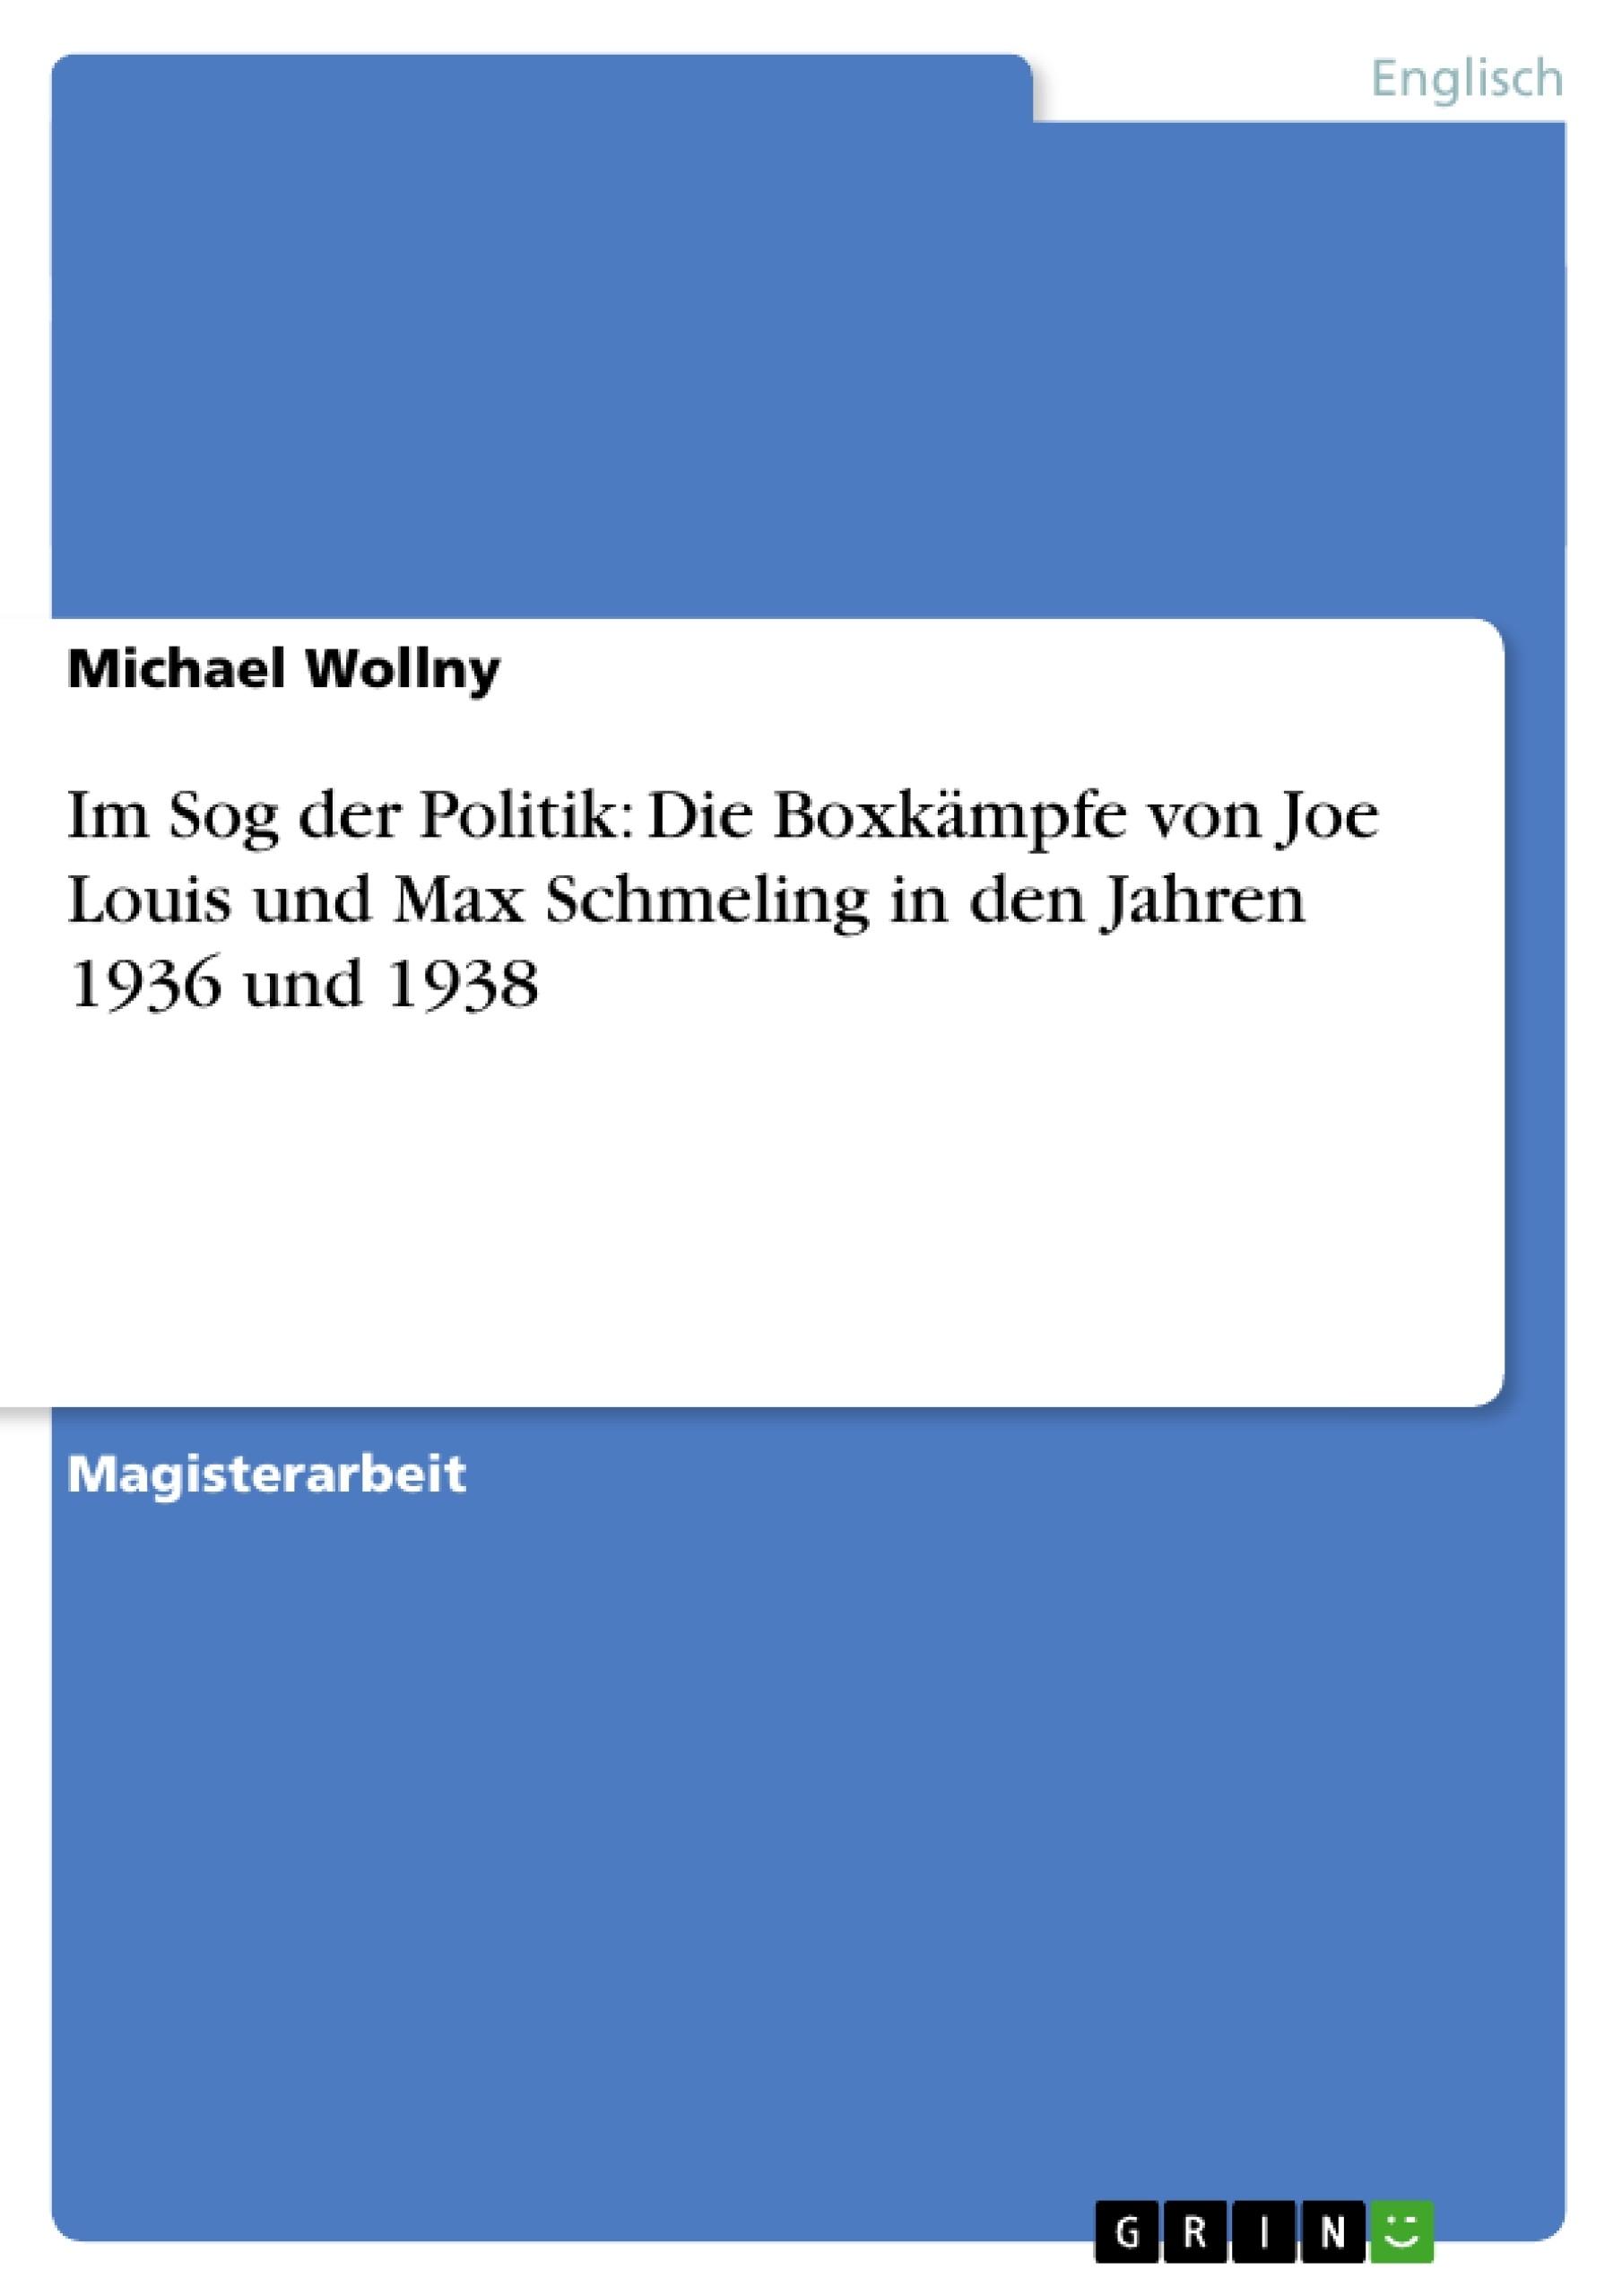 Titel: Im Sog der Politik: Die Boxkämpfe von Joe Louis und Max Schmeling in den Jahren 1936 und 1938